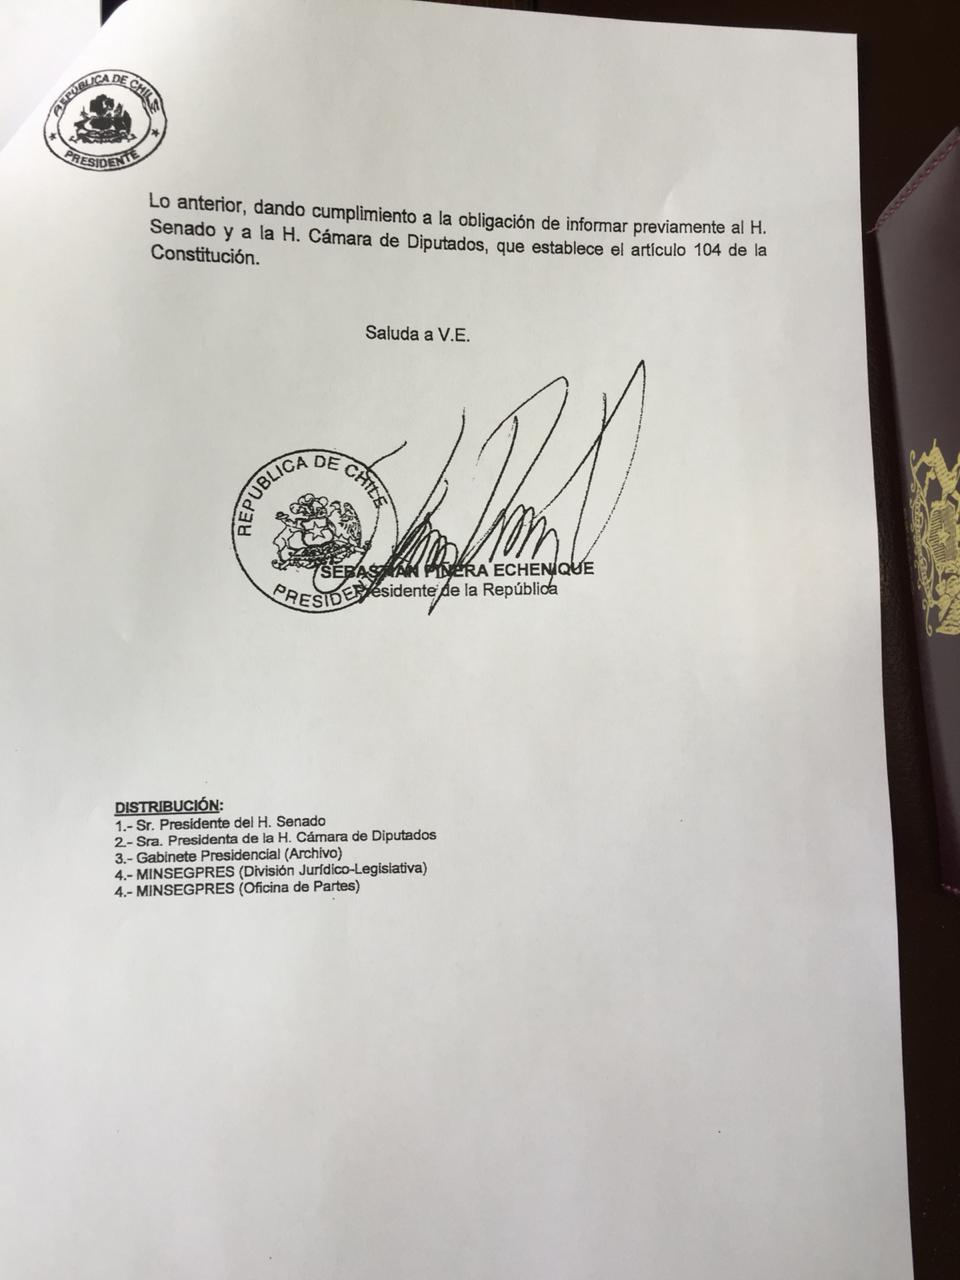 Piñera oficio hoja 3